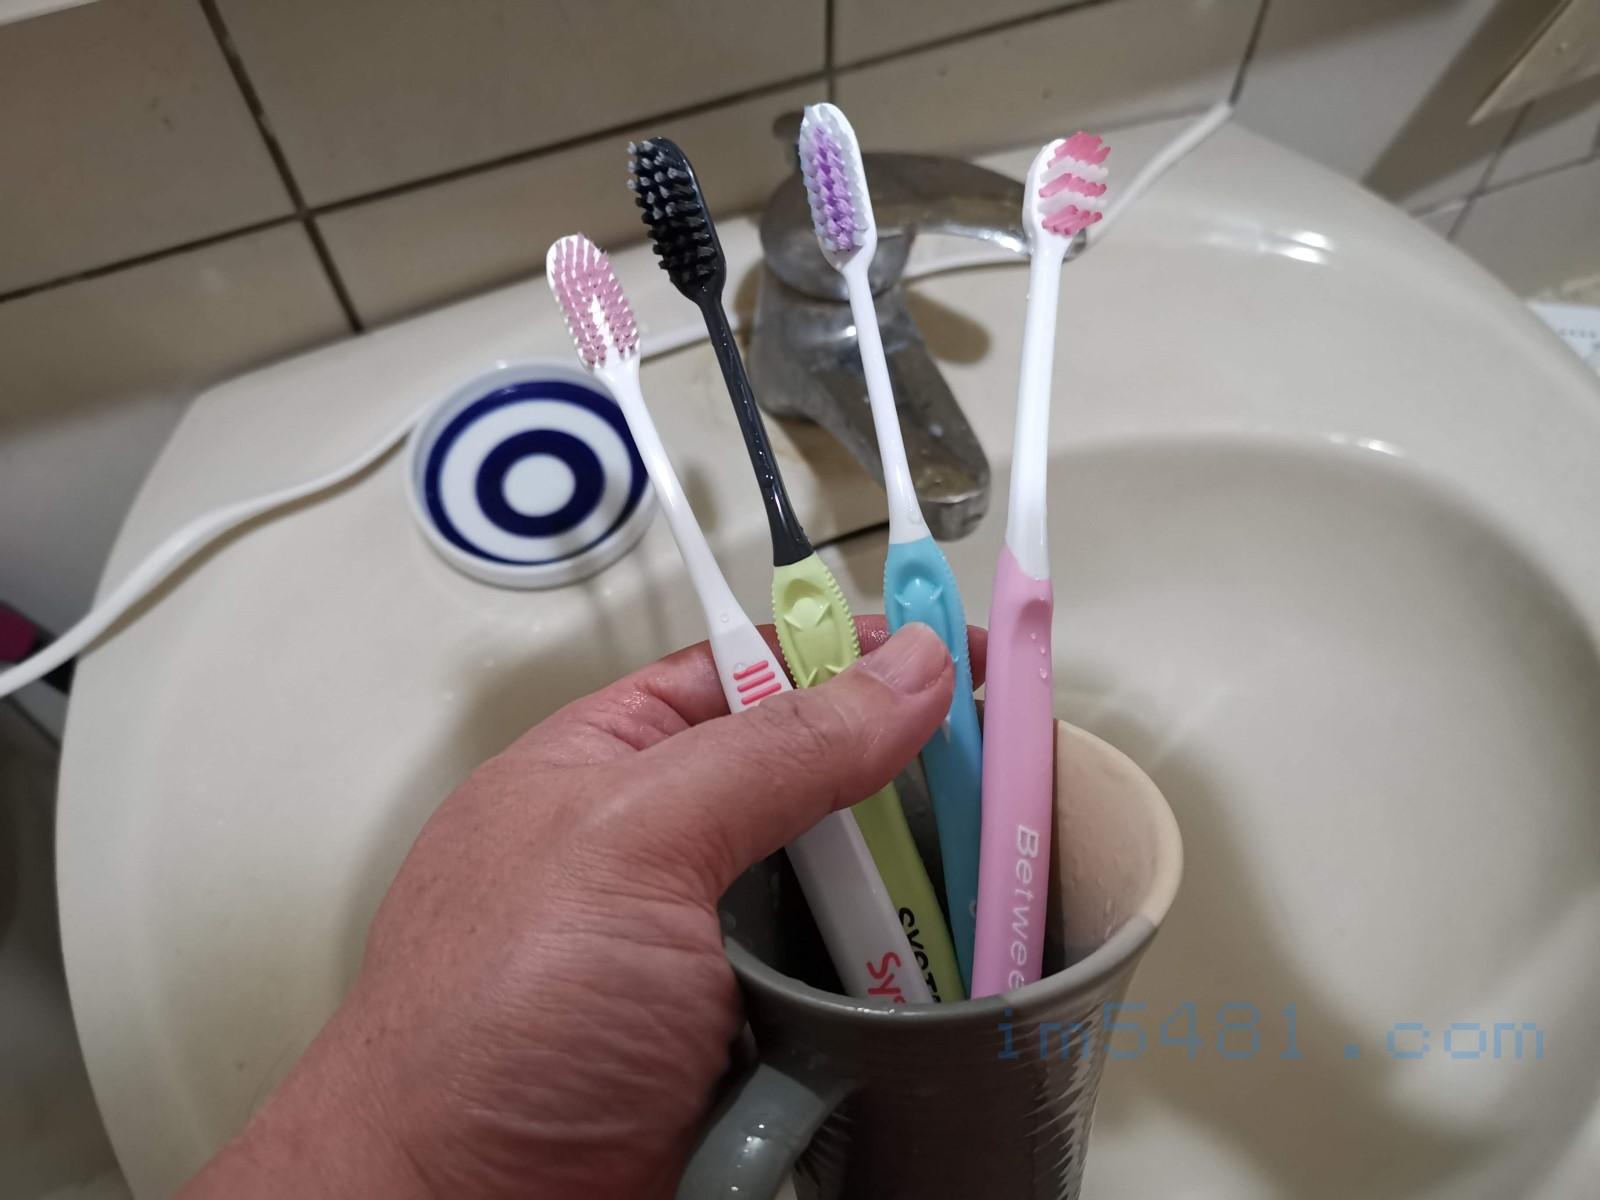 真正設計好的牙刷都可以刷到第三大臼齒背面,並且有專用臼齒牙刷可以選擇。從左邊算來三隻牙刷是我近期會用的牙刷組,每次都是輪流用牙刷。近期又多了右邊的臼齒刷。